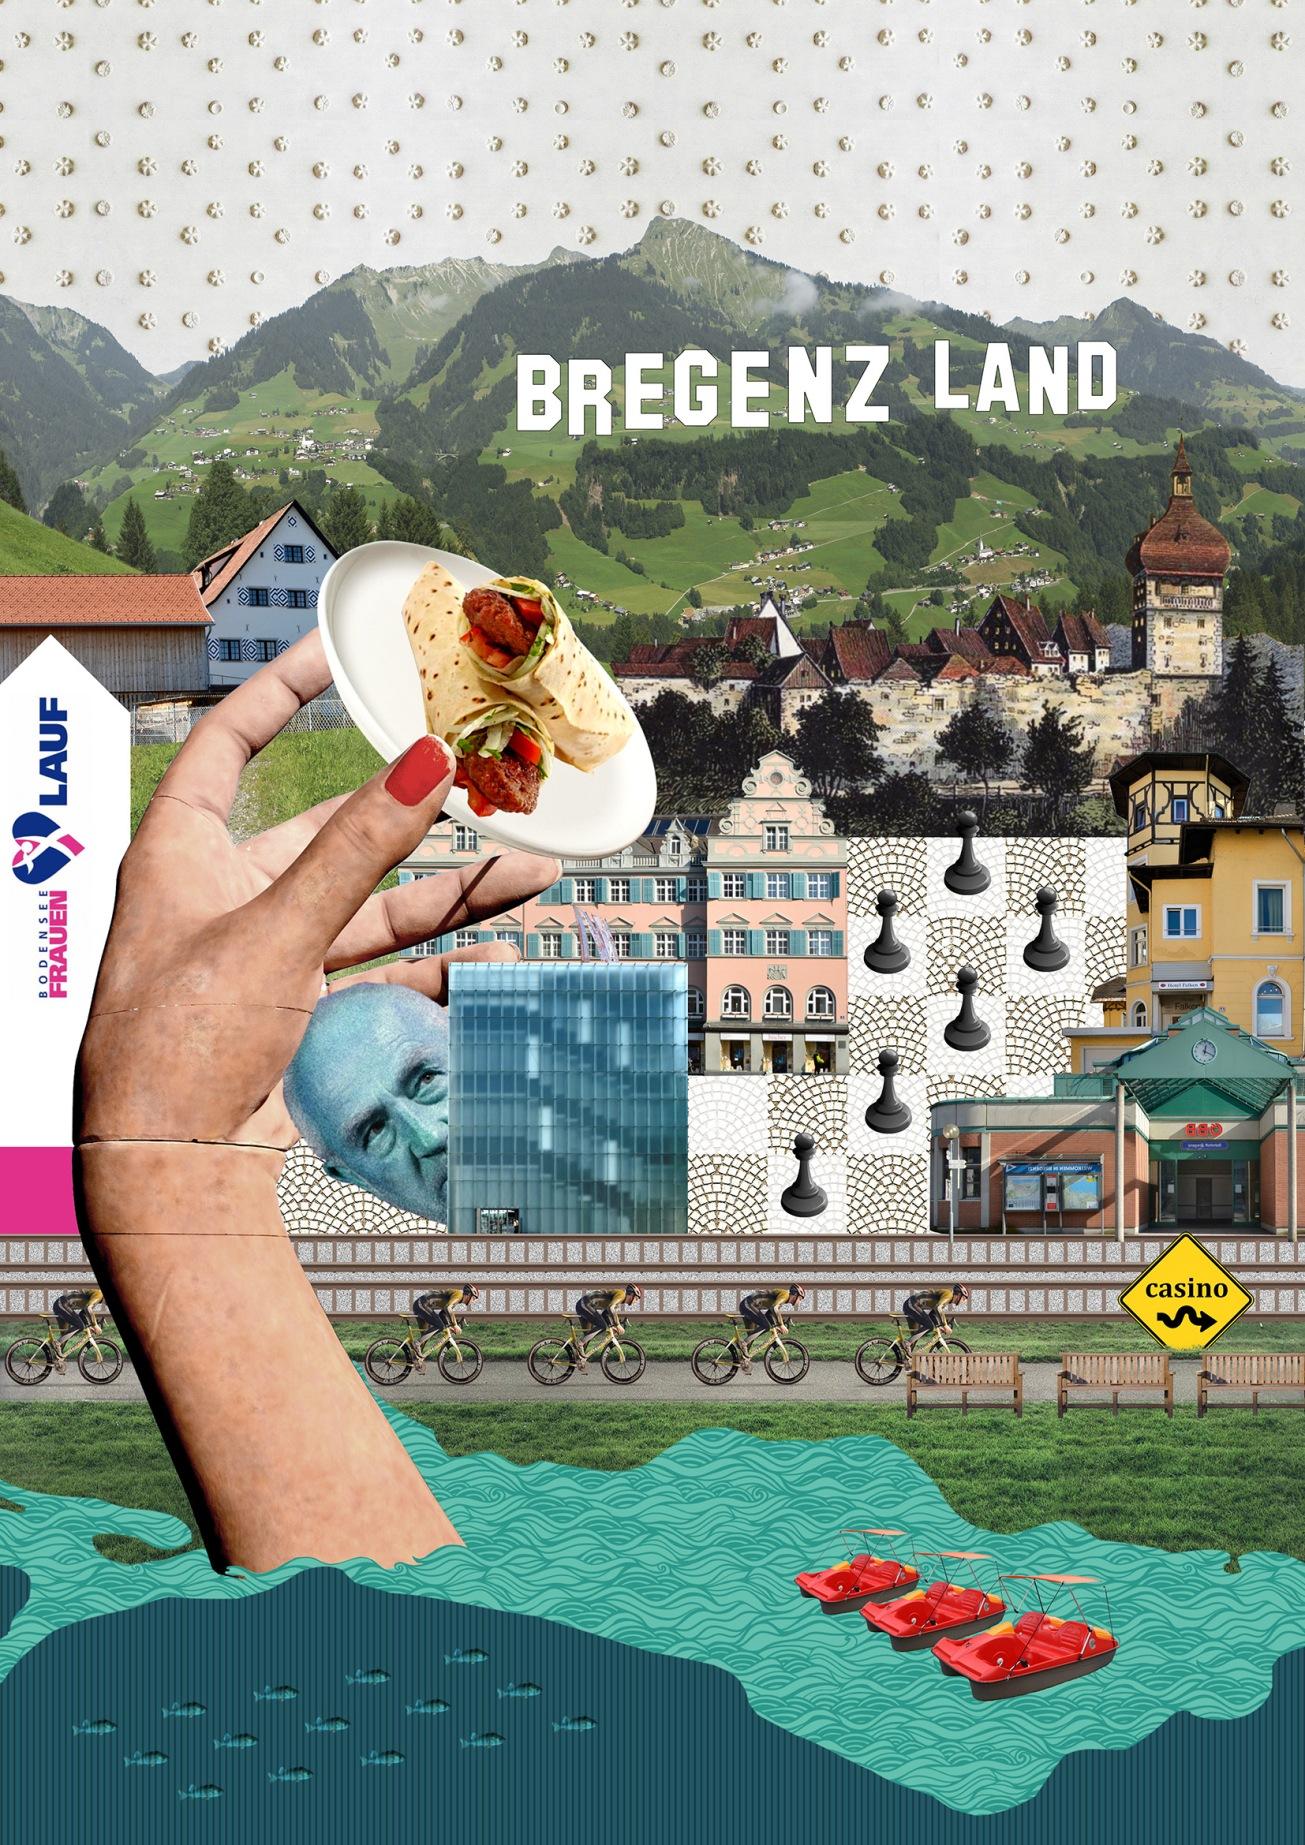 1_bregenzland_hotel_kebab_anastasiia_oksiukovska_2017_unili_ma_thesis